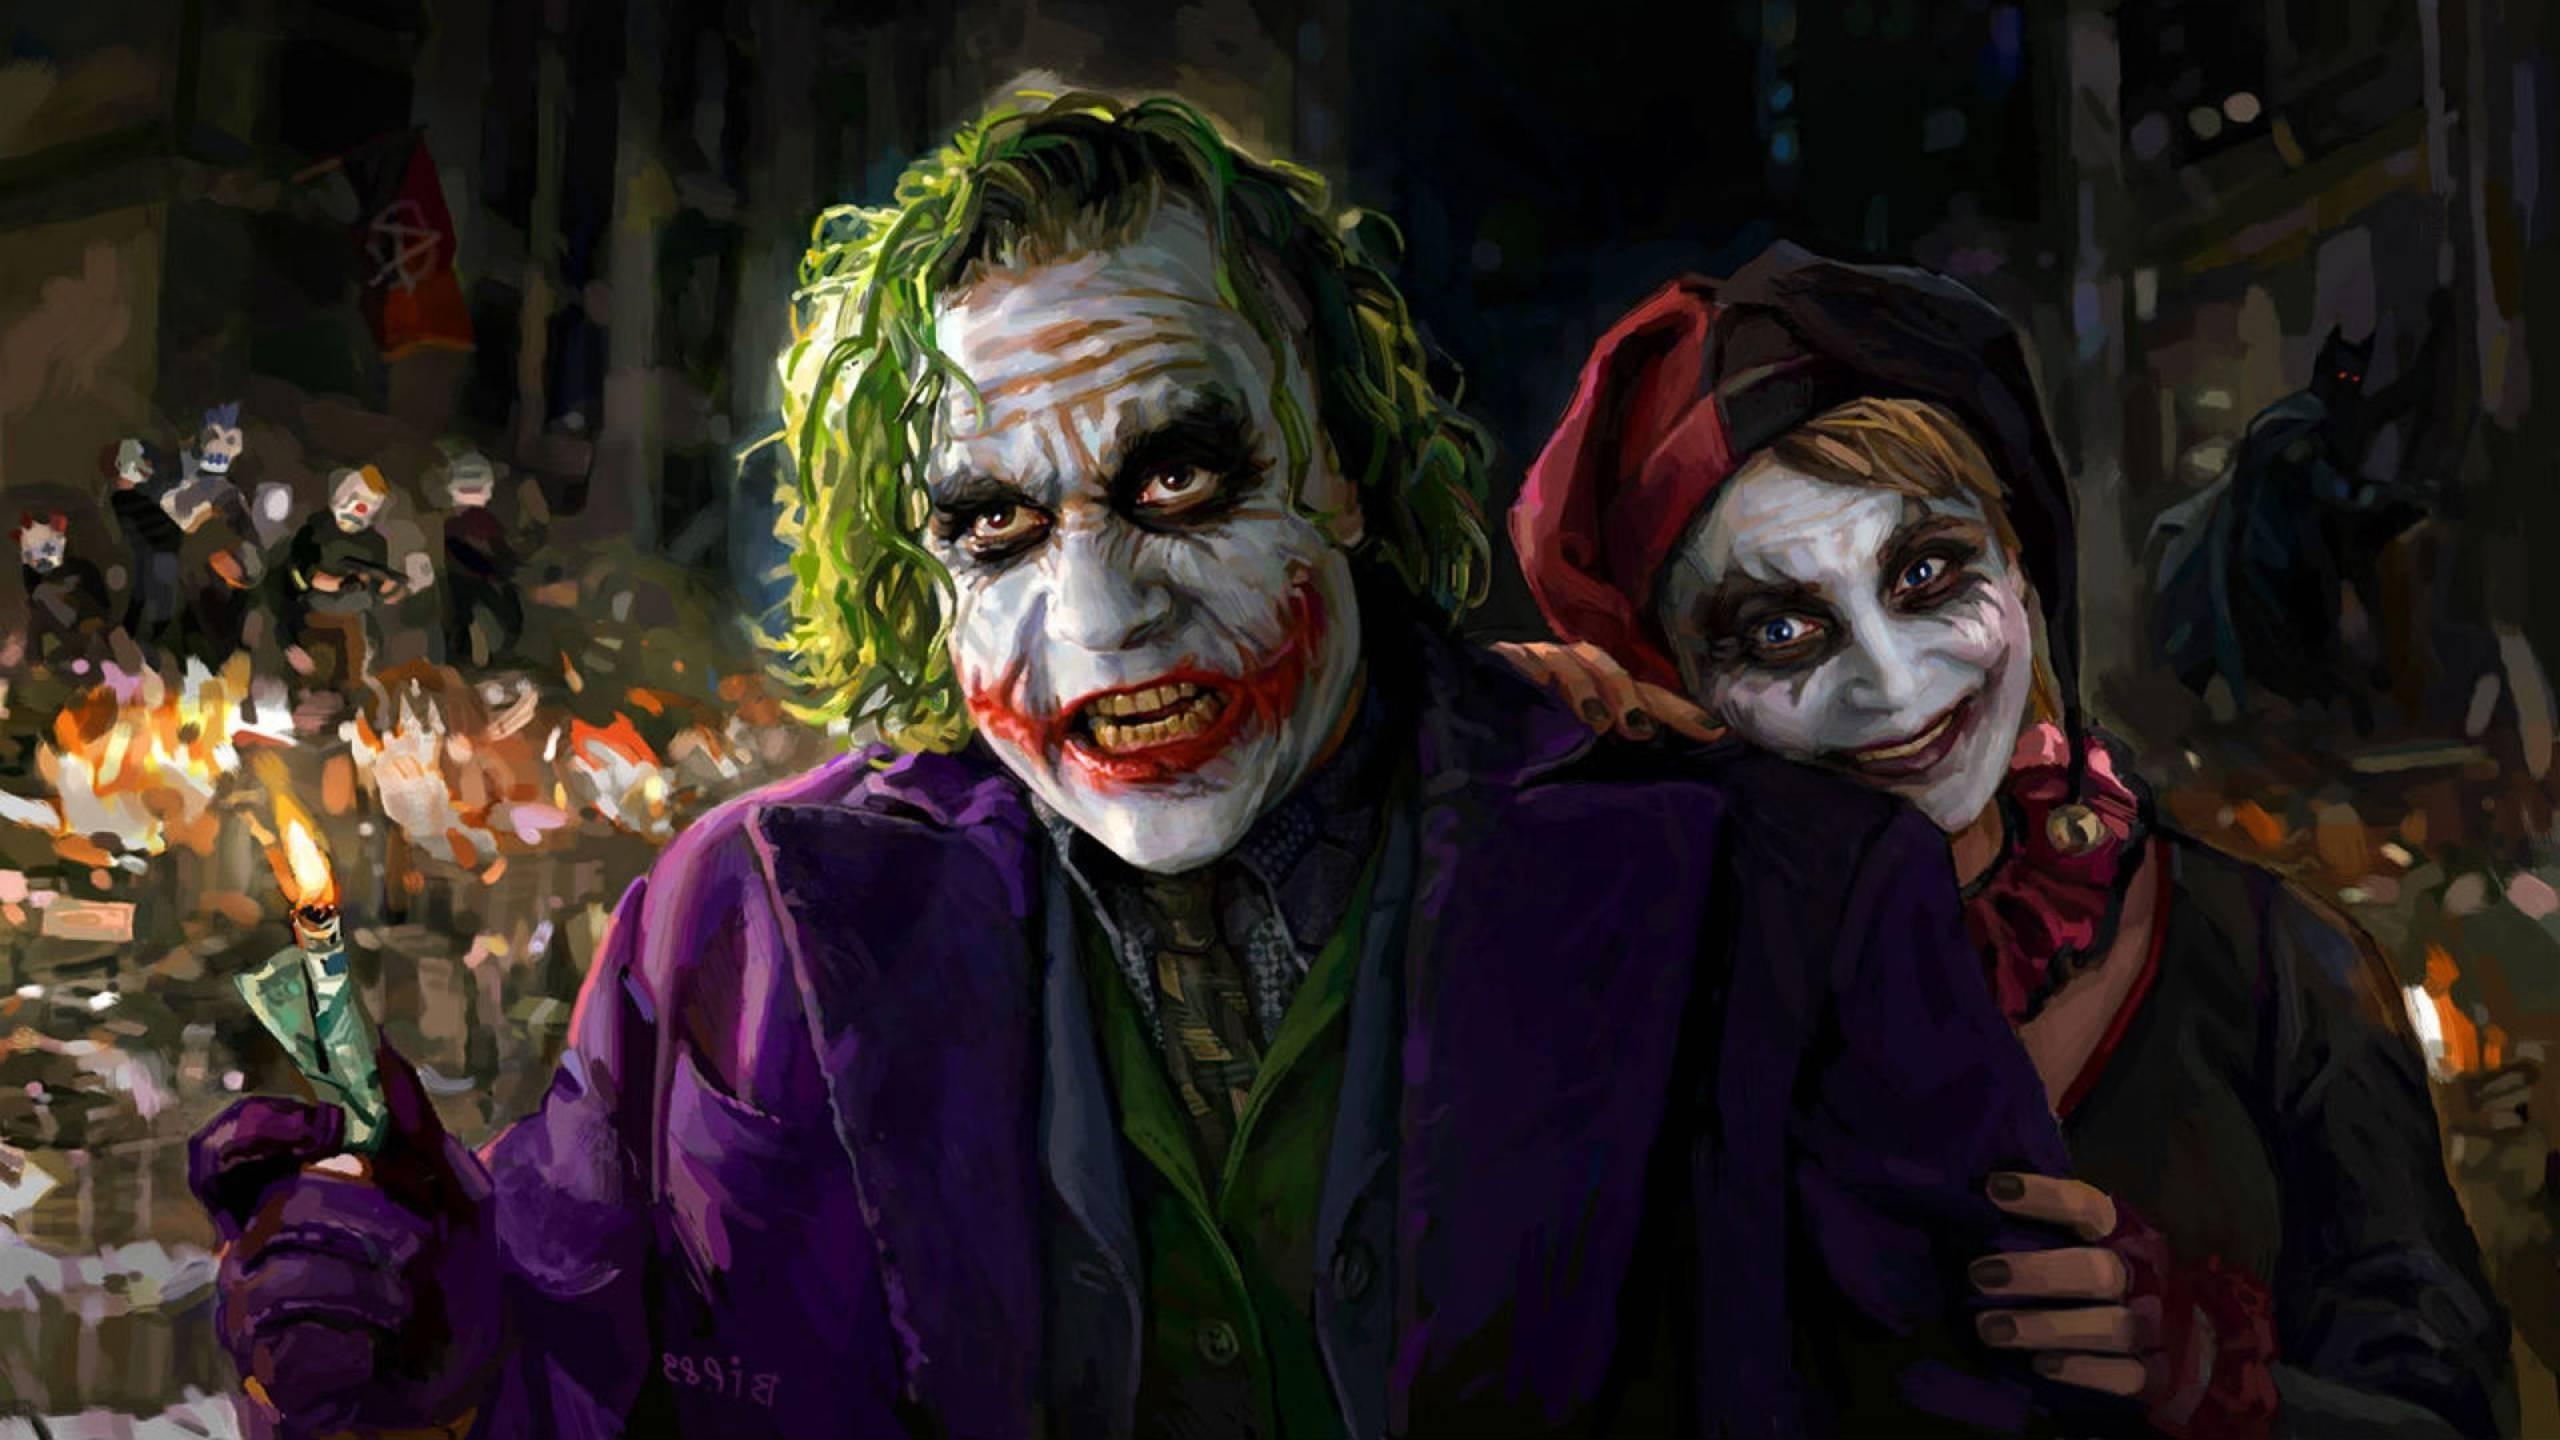 Harley Quinn And Joker Wallpaper Download Free Beautiful